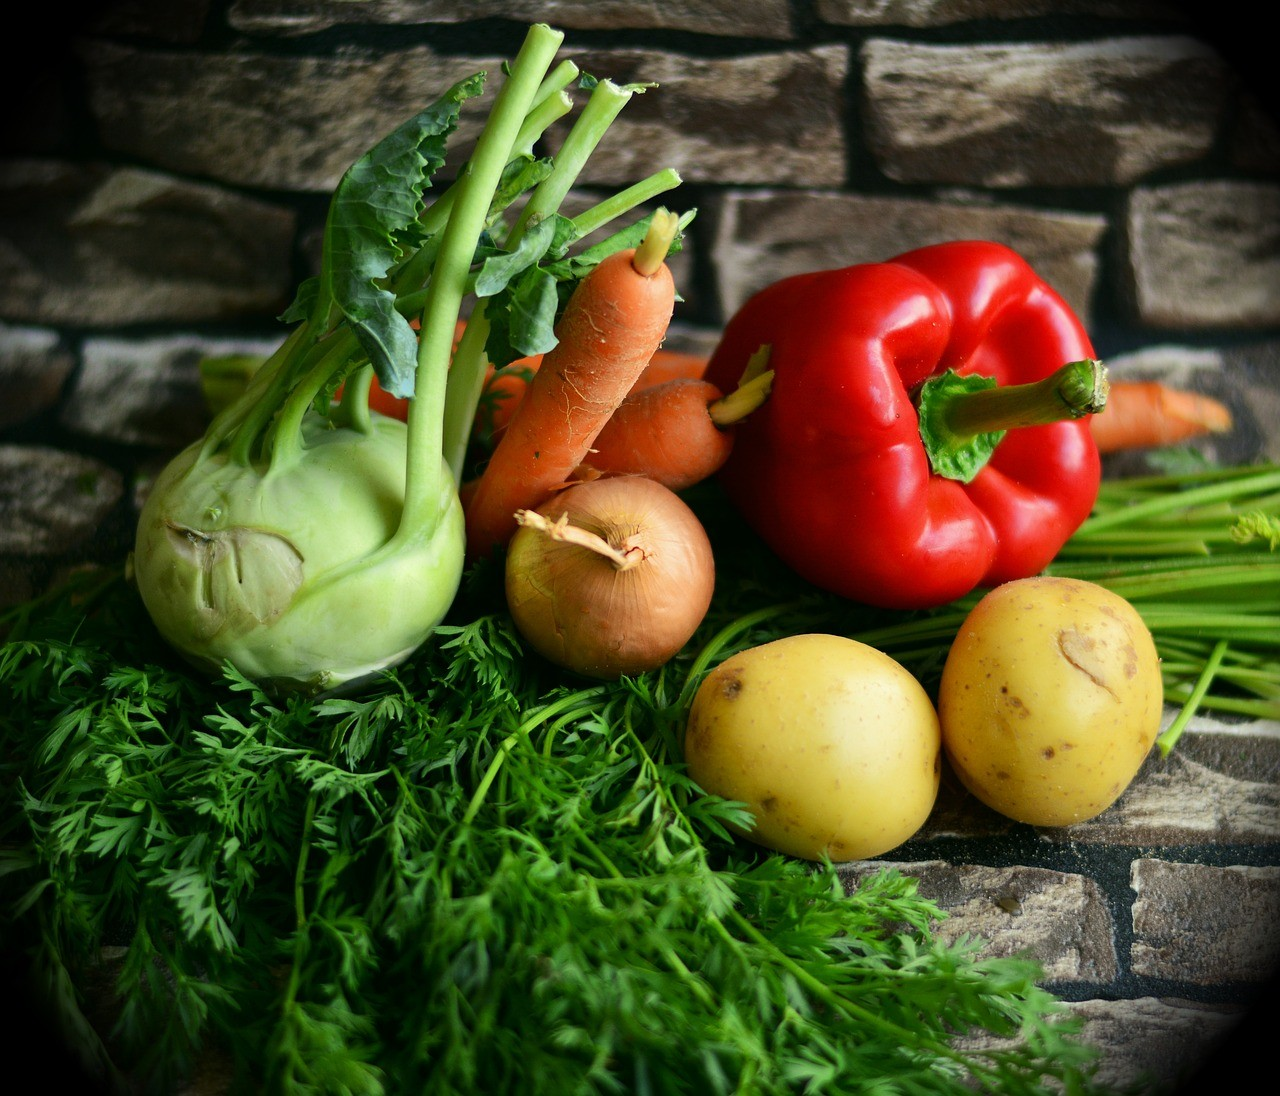 Verduras Legumbres Y Hortalizas Qué Distingue A Unas De Otras